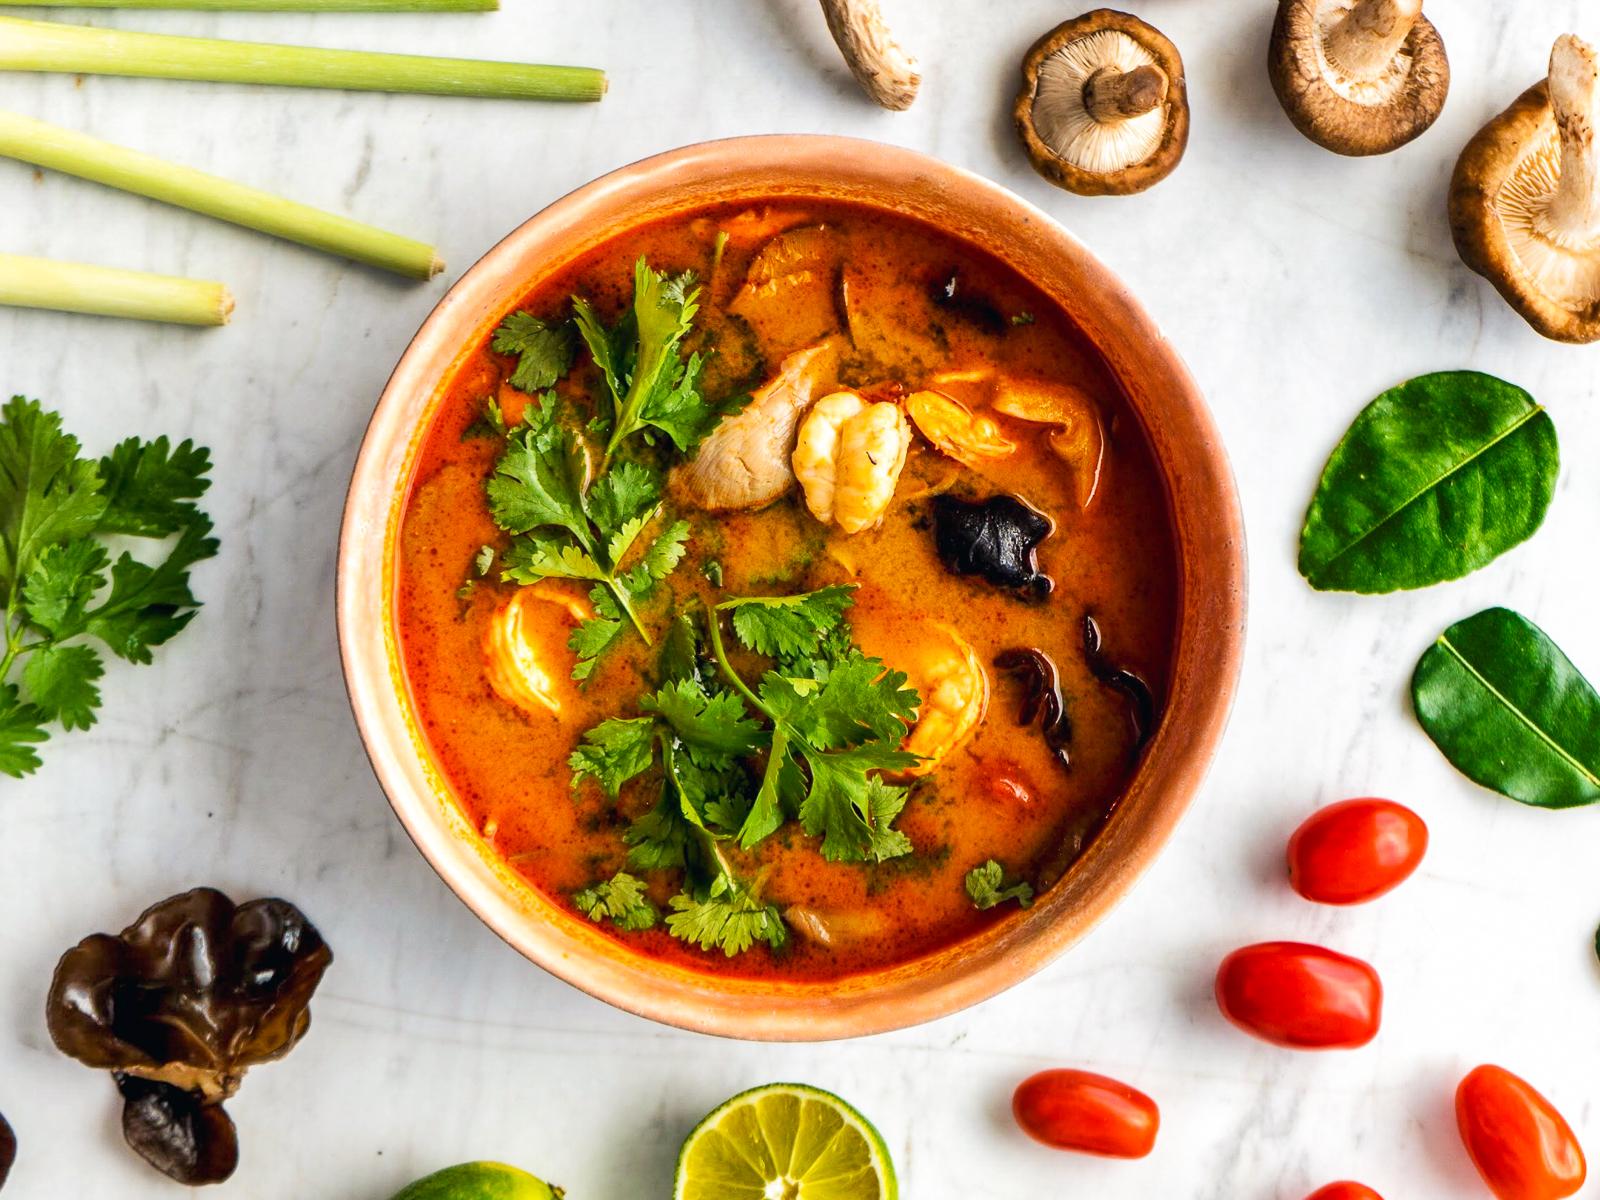 Суп Том ям с креветками и древесными грибами